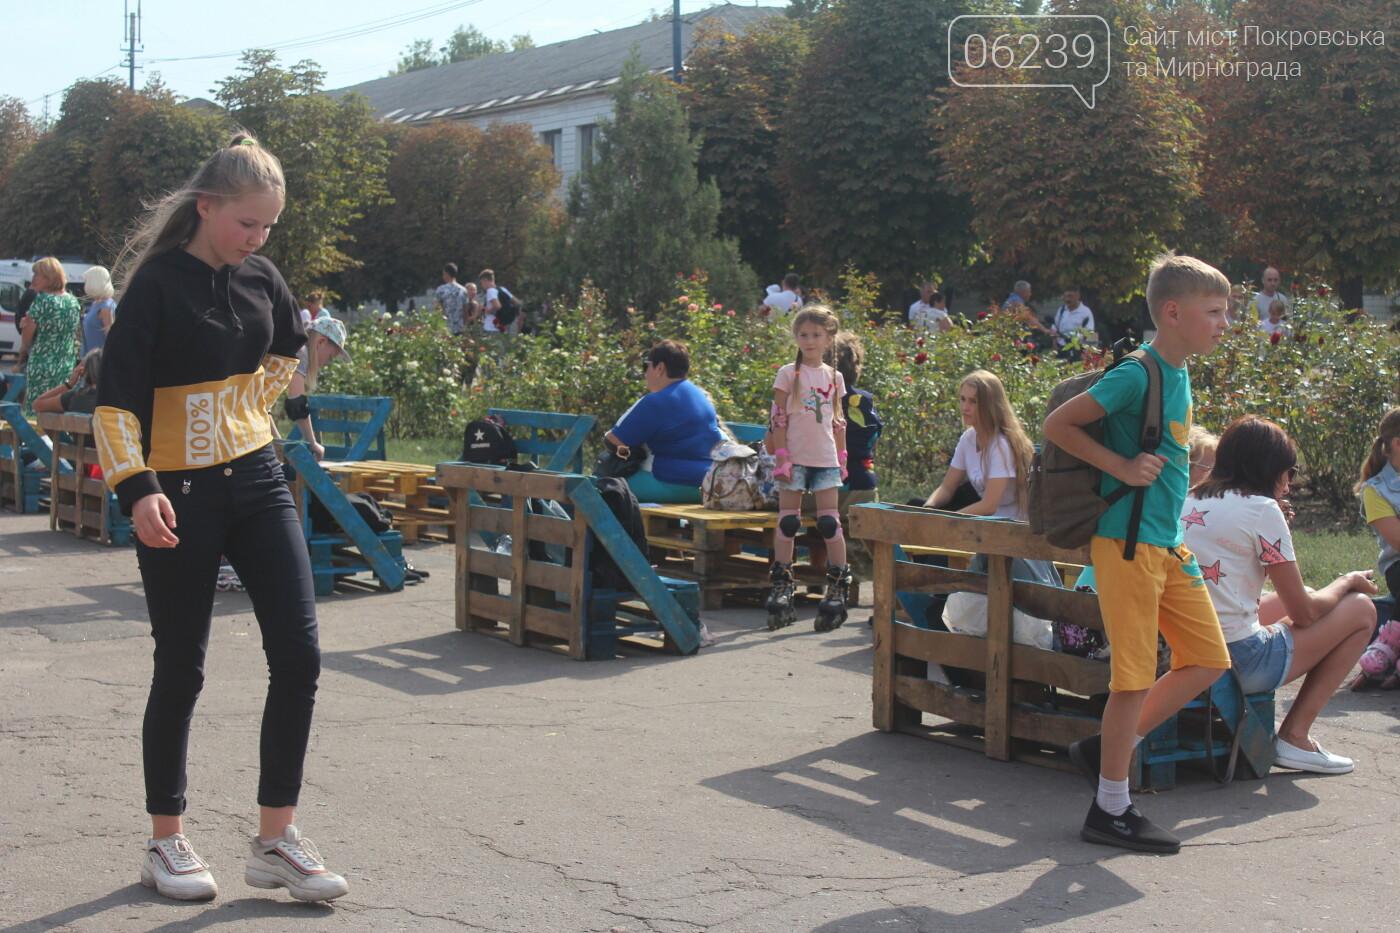 «Ролерфест» и соревнования: в Мирнограде отметили День физкультуры и спорта , фото-5